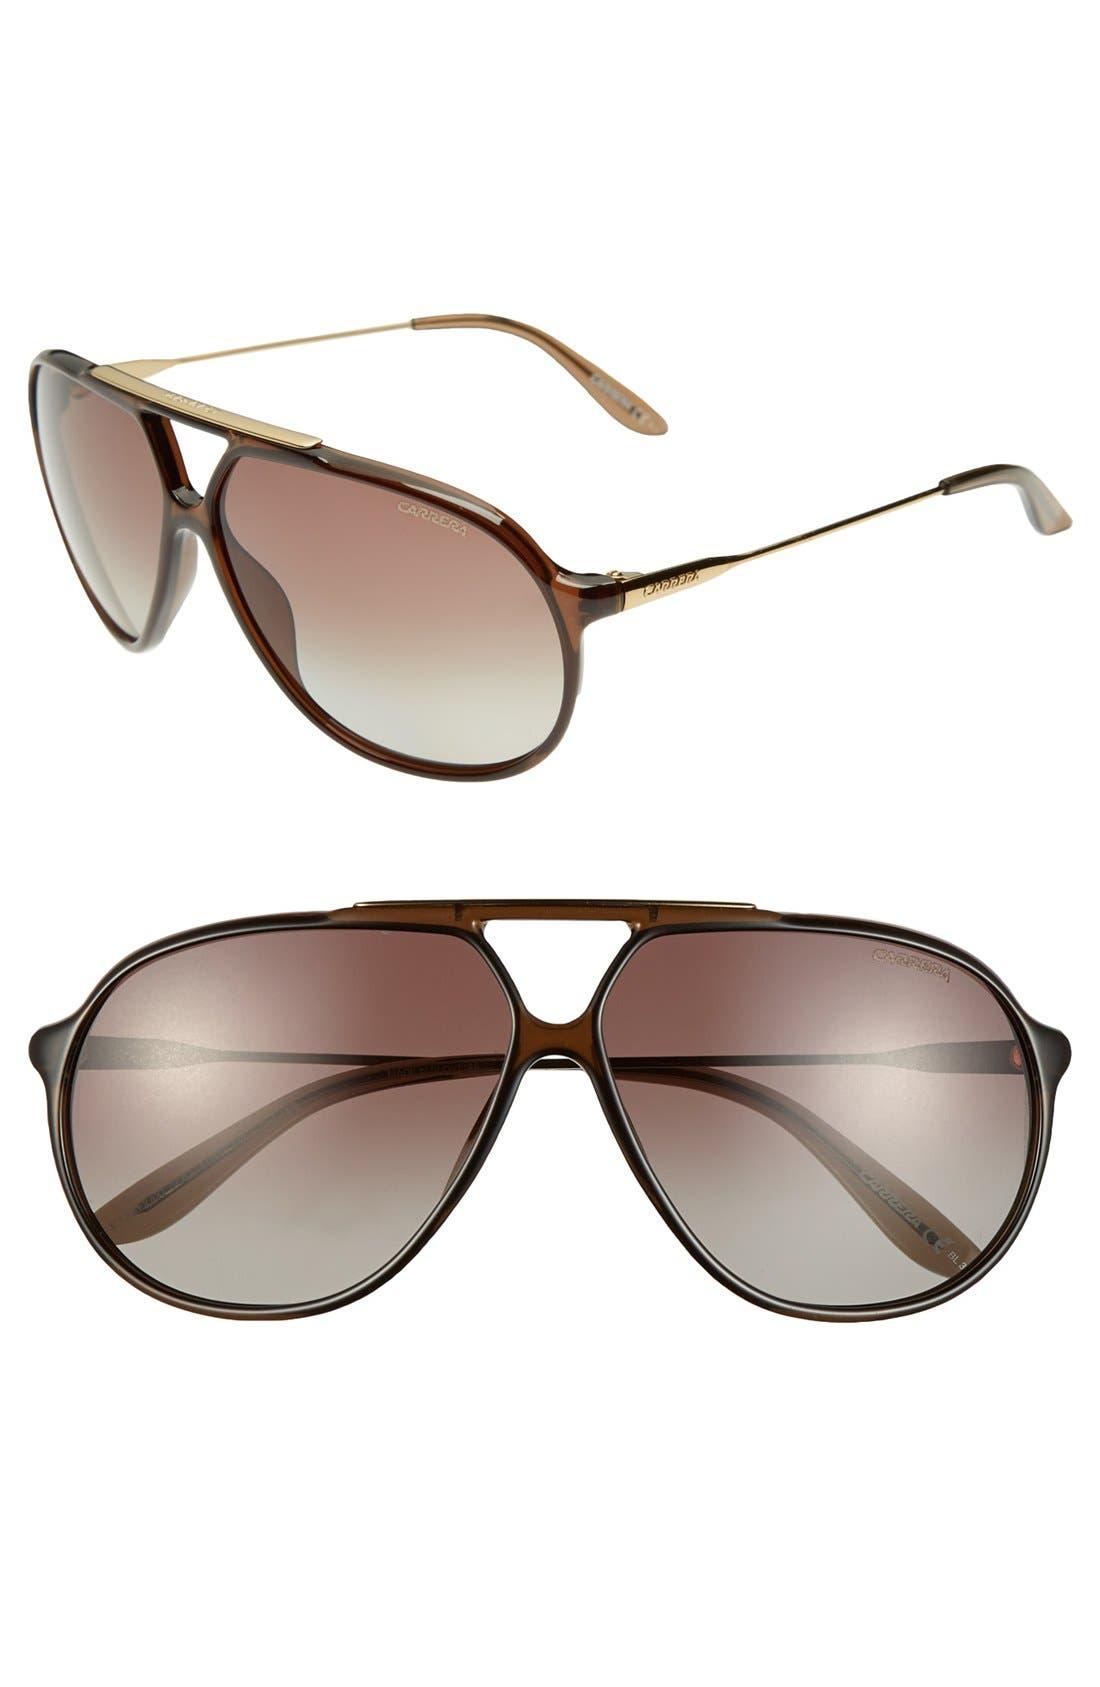 Alternate Image 1 Selected - Carrera Eyewear 64mm Polarized Sunglasses